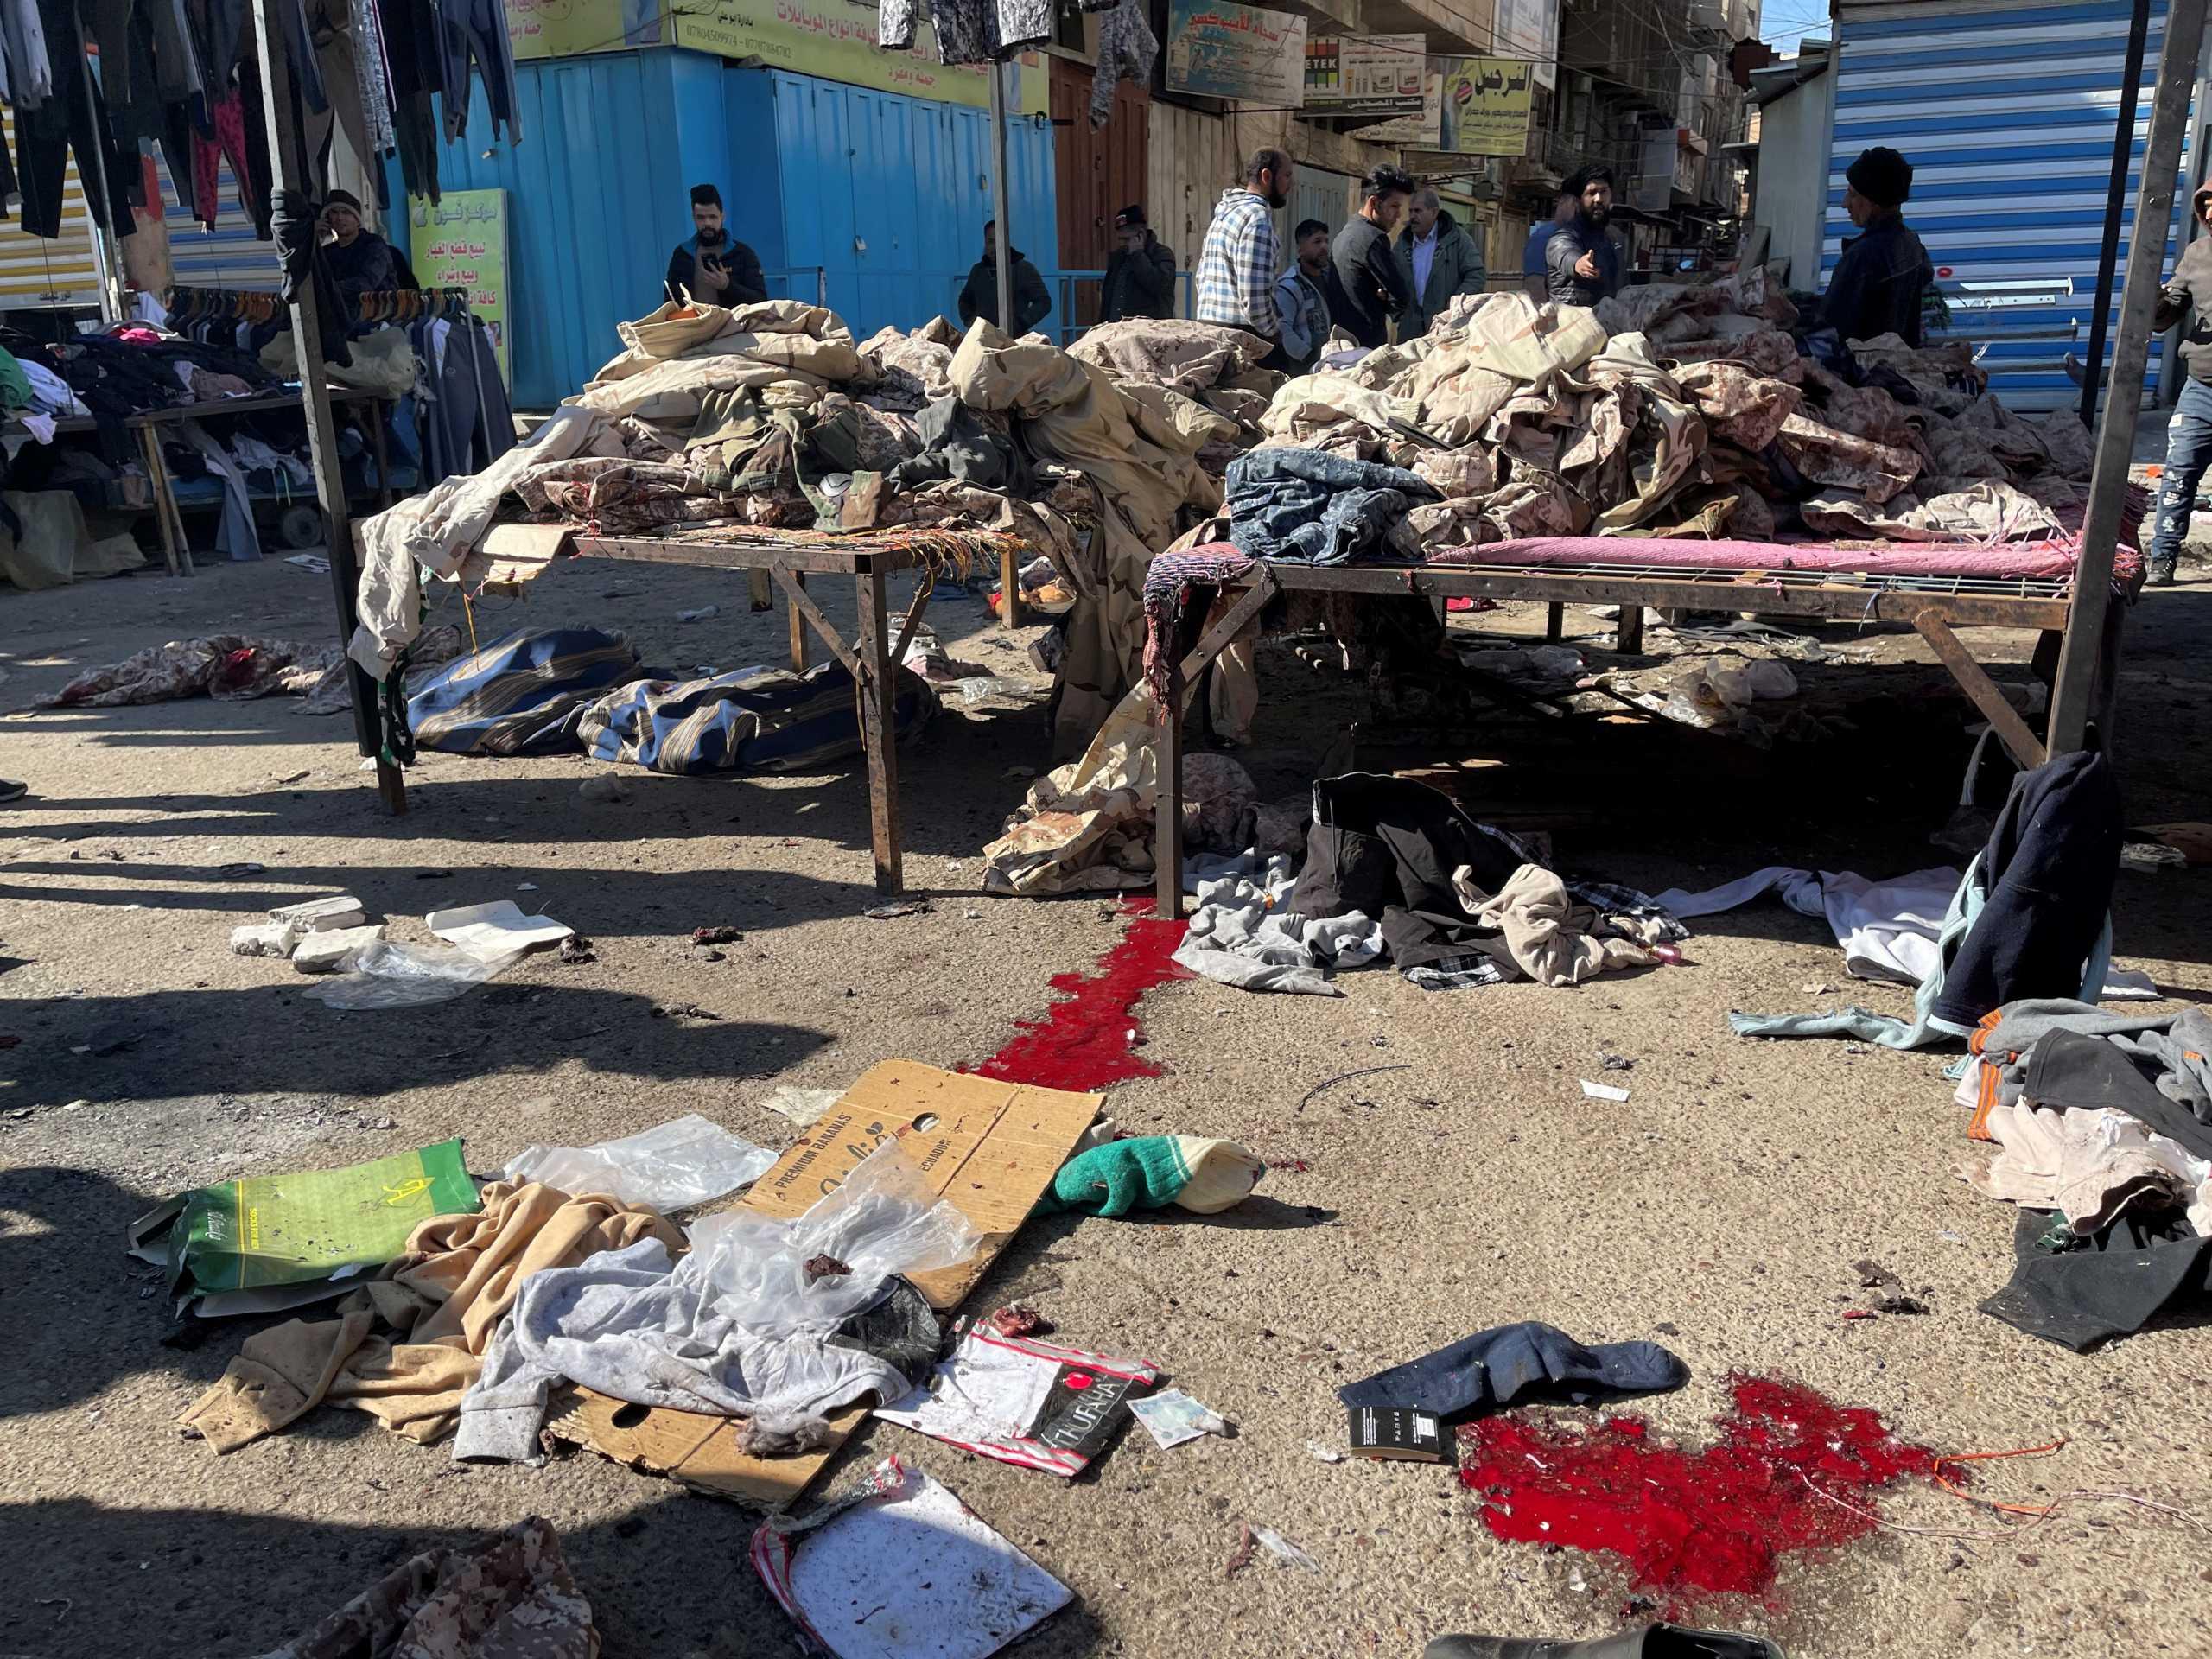 Λουτρό αίματος στη Βαγδάτη: Εικόνες σοκ από την πολύνεκρη επίθεση αυτοκτονίας